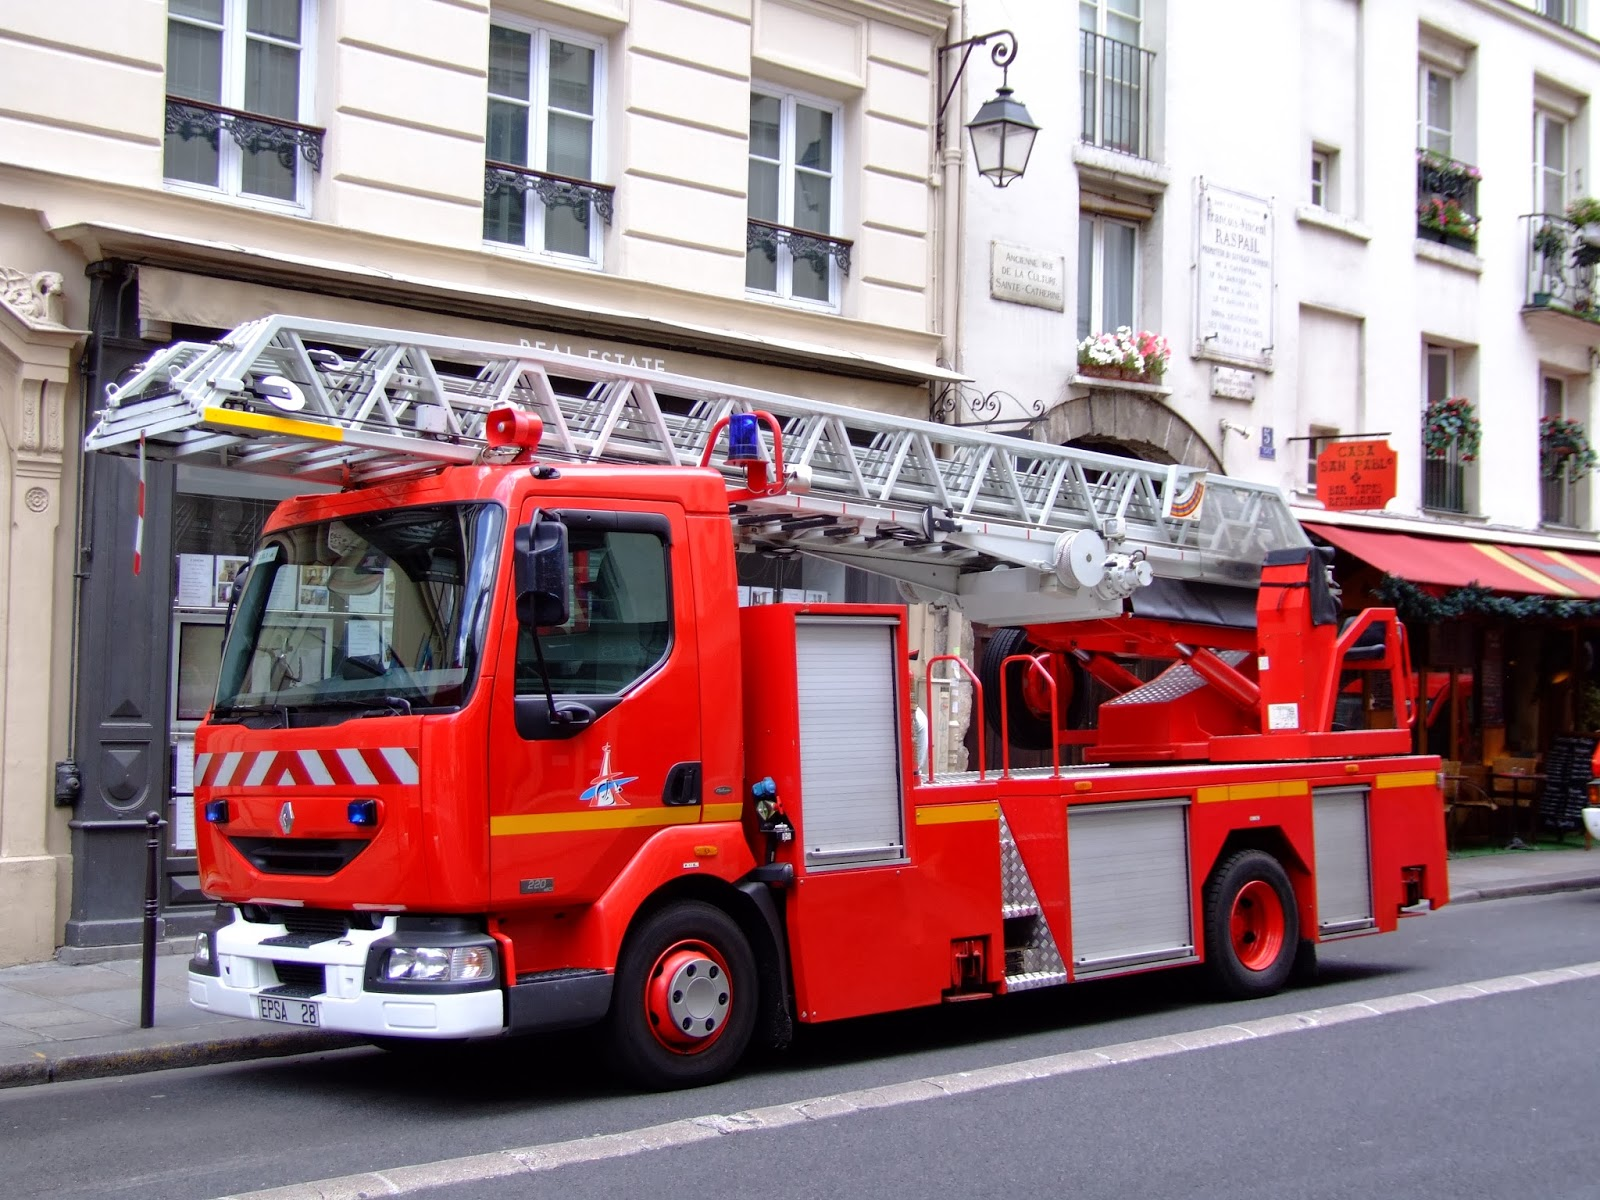 Pompiers de paris photos v hicules bateaux et divers - Image camion pompier ...